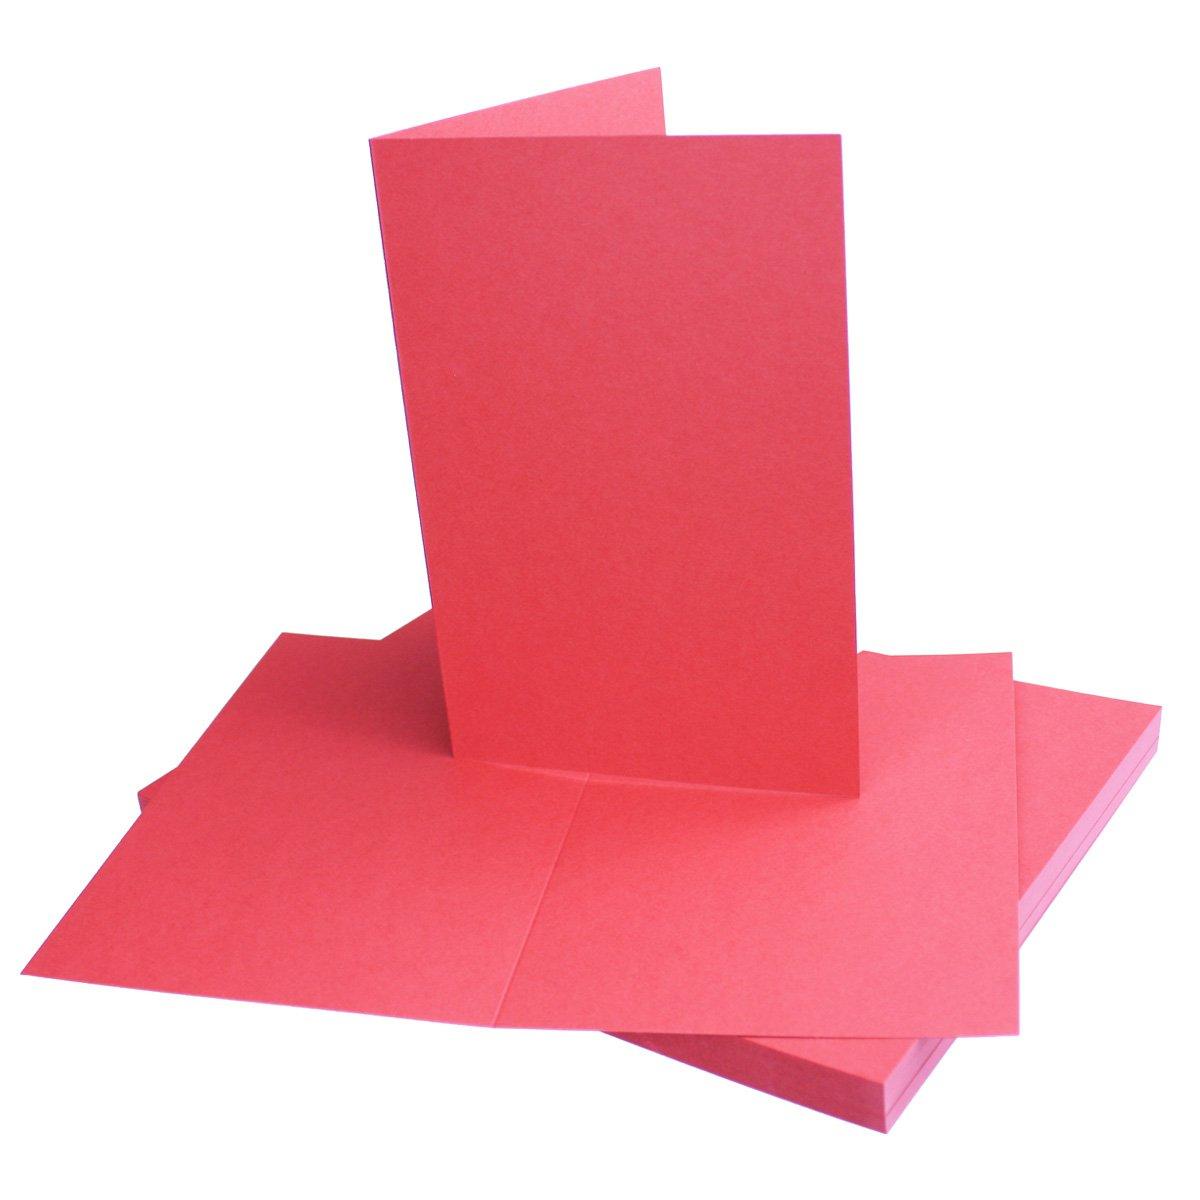 250x 250x 250x Falt-Karten DIN A6 Blanko Doppel-Karten in Hochweiß Kristallweiß -10,5 x 14,8 cm   Premium Qualität   FarbenFroh® B079VBGRQC |  Neuer Markt  9189cb